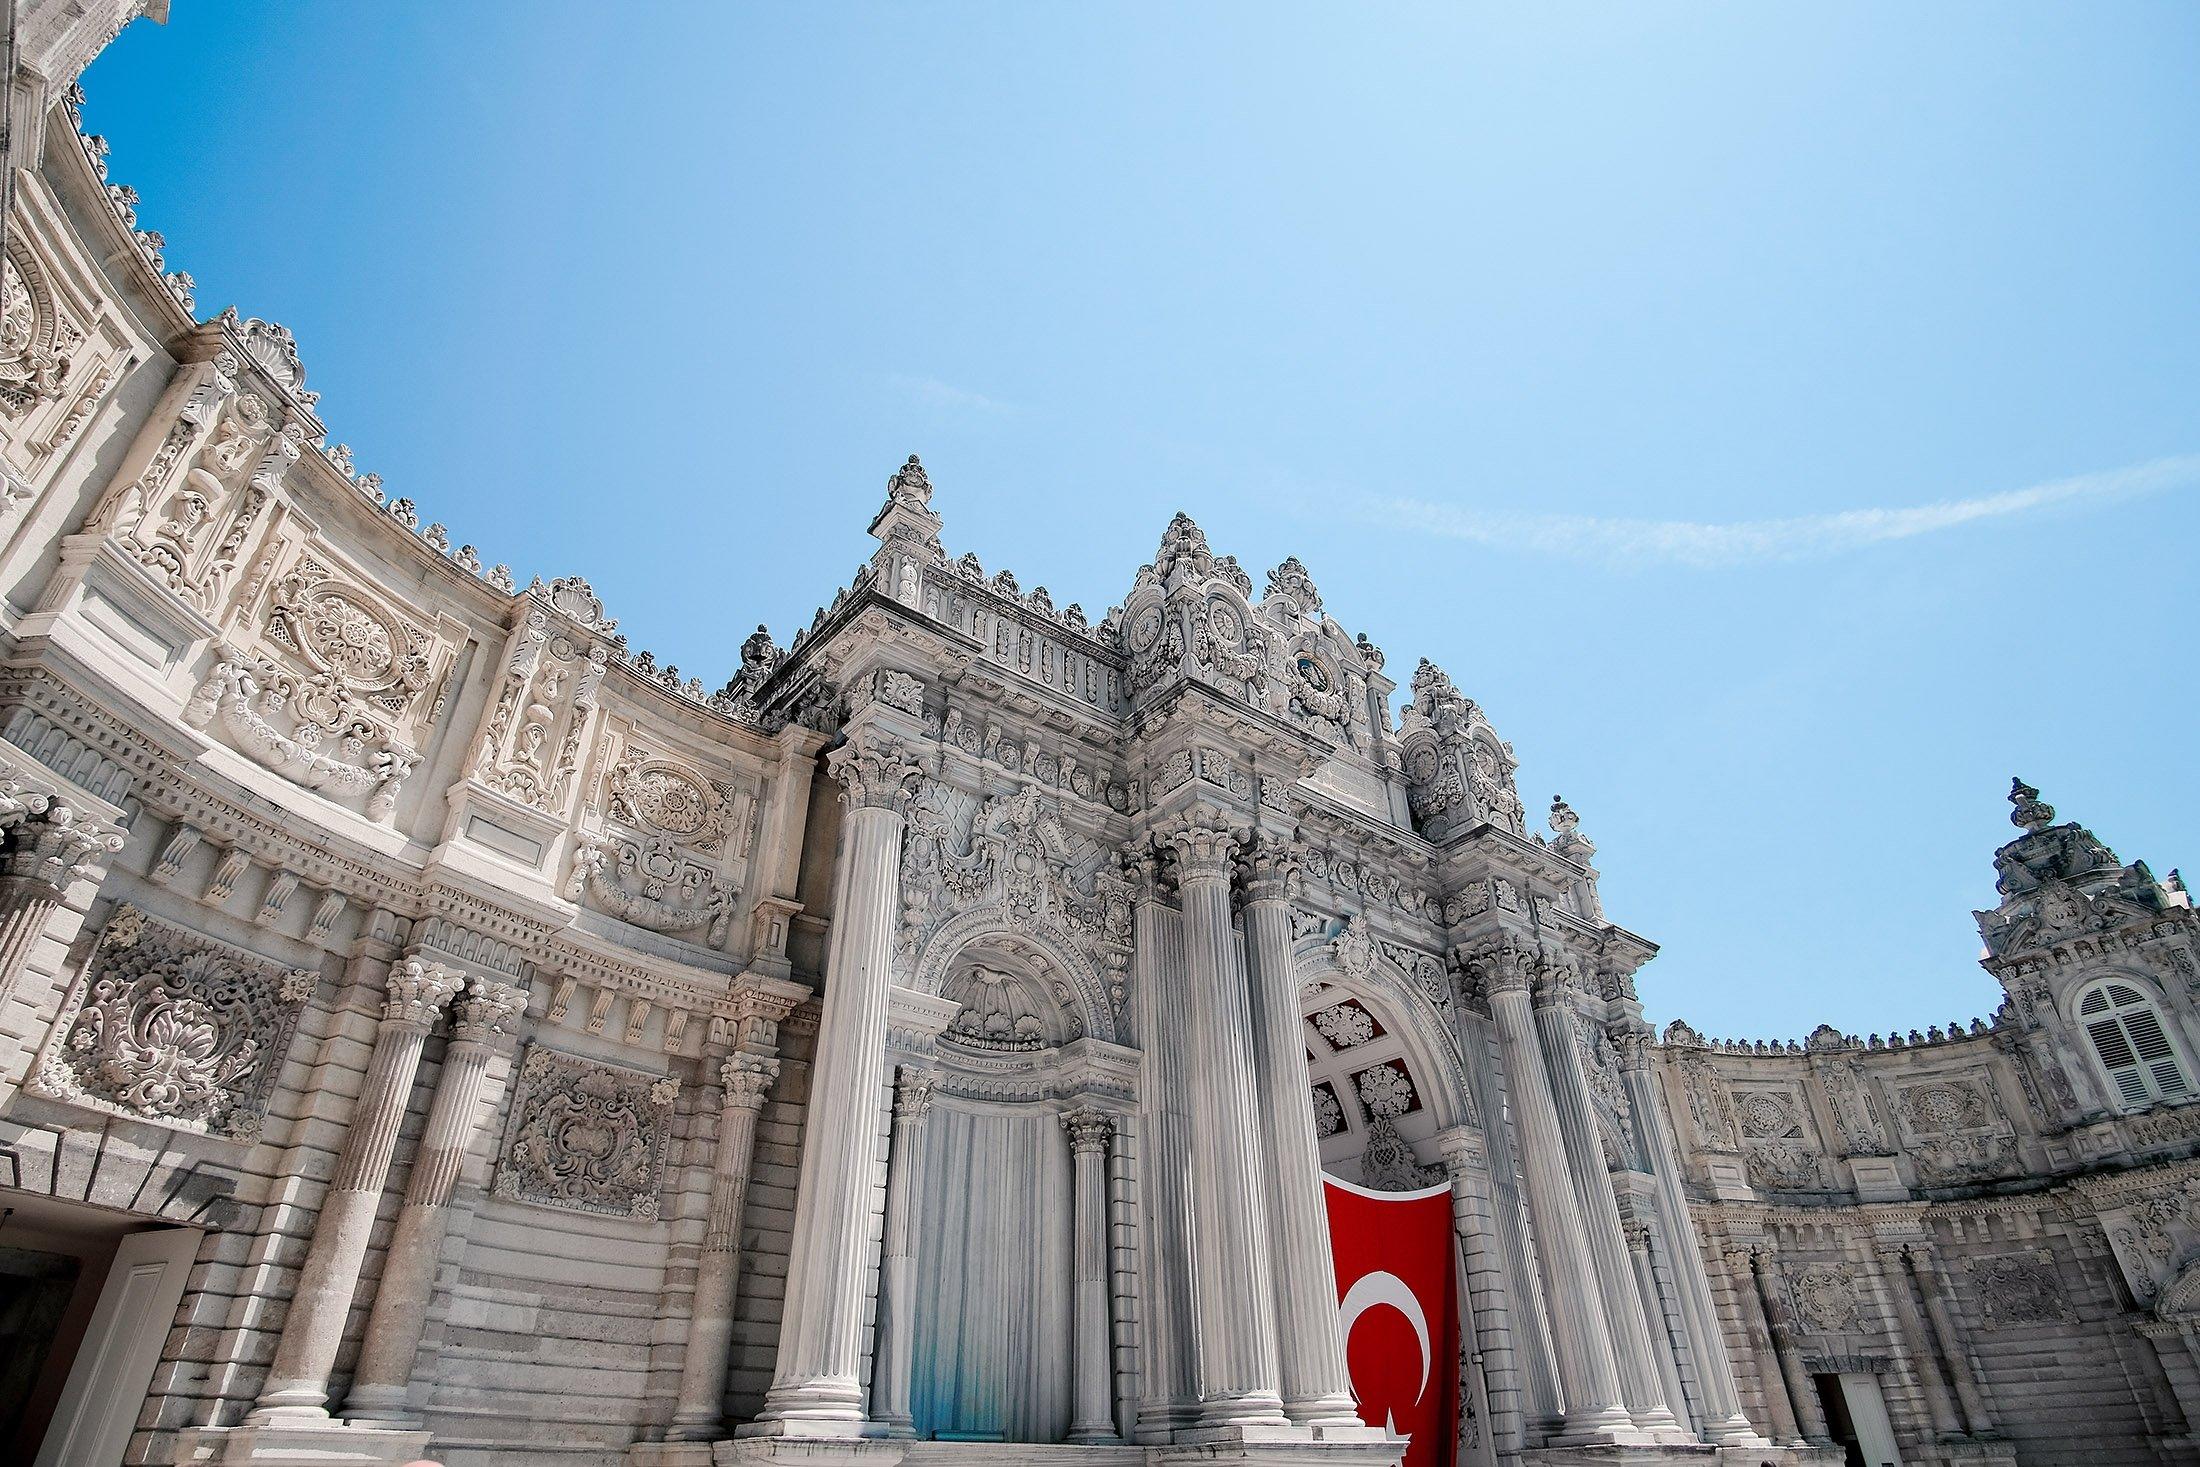 The ornate gate entrance of Dolmabahçe Palace. (Shutterstock Photo)